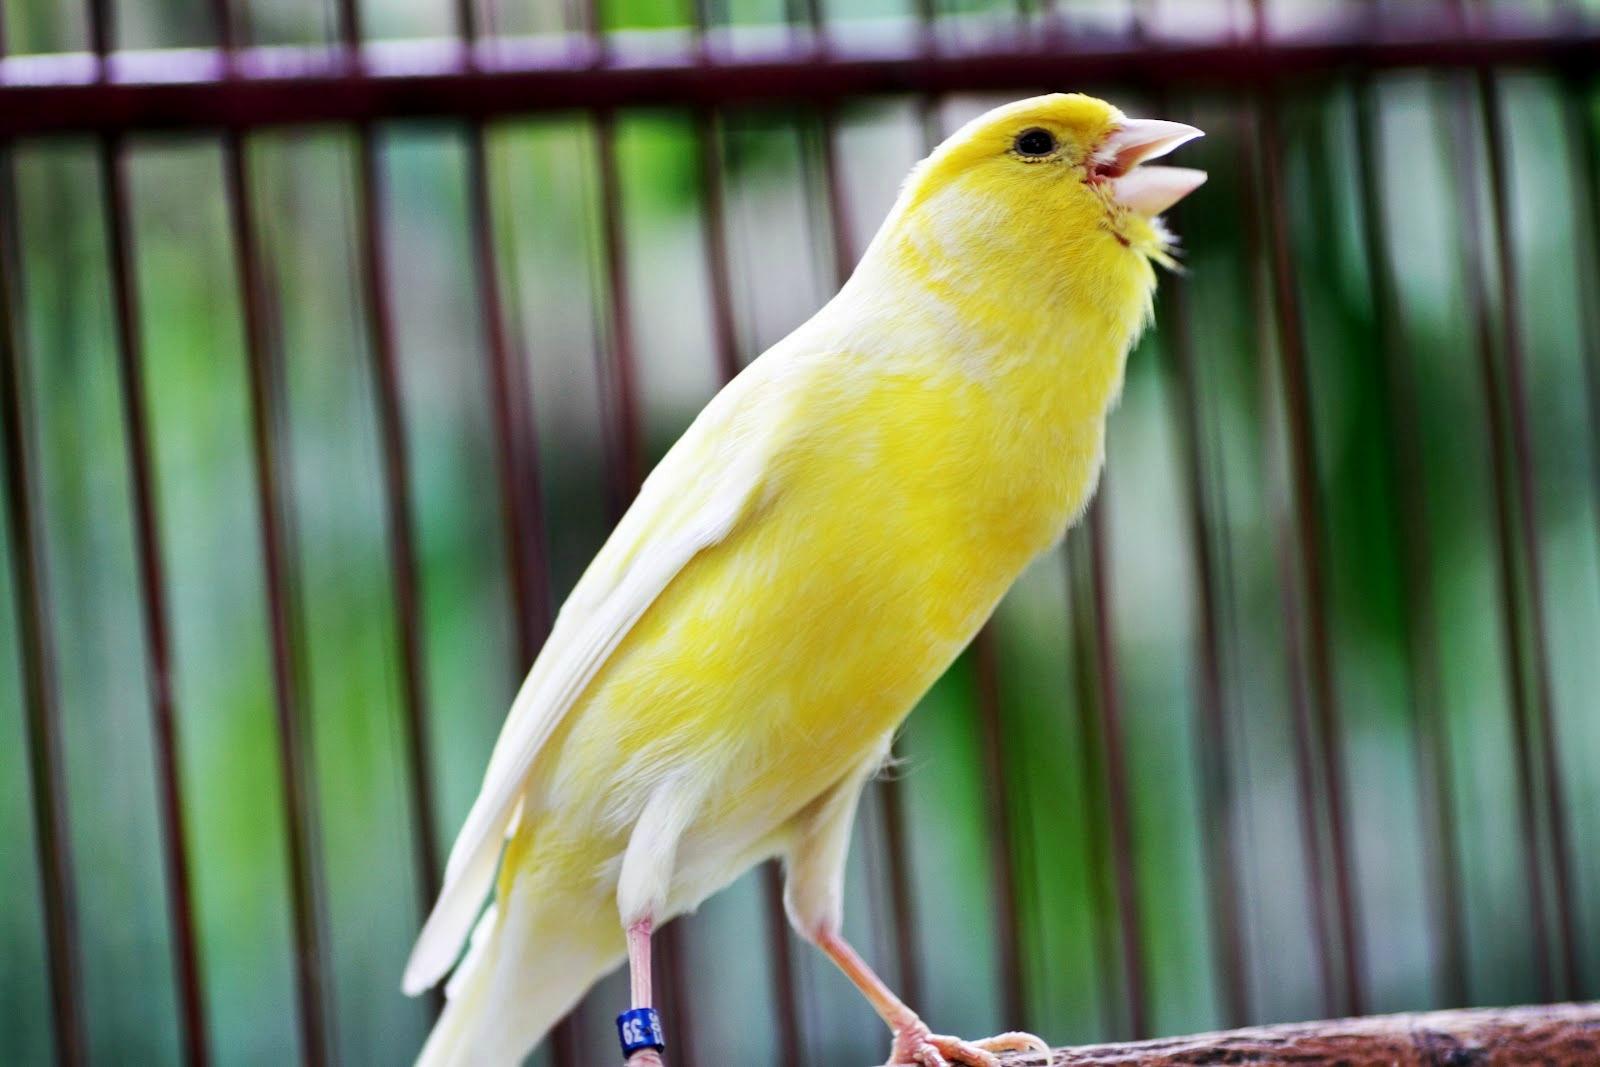 Harga Burung Kenari 2013 Icefilmsinfo Globolister Memasterkan Burung Kenari Ocehan Kenari